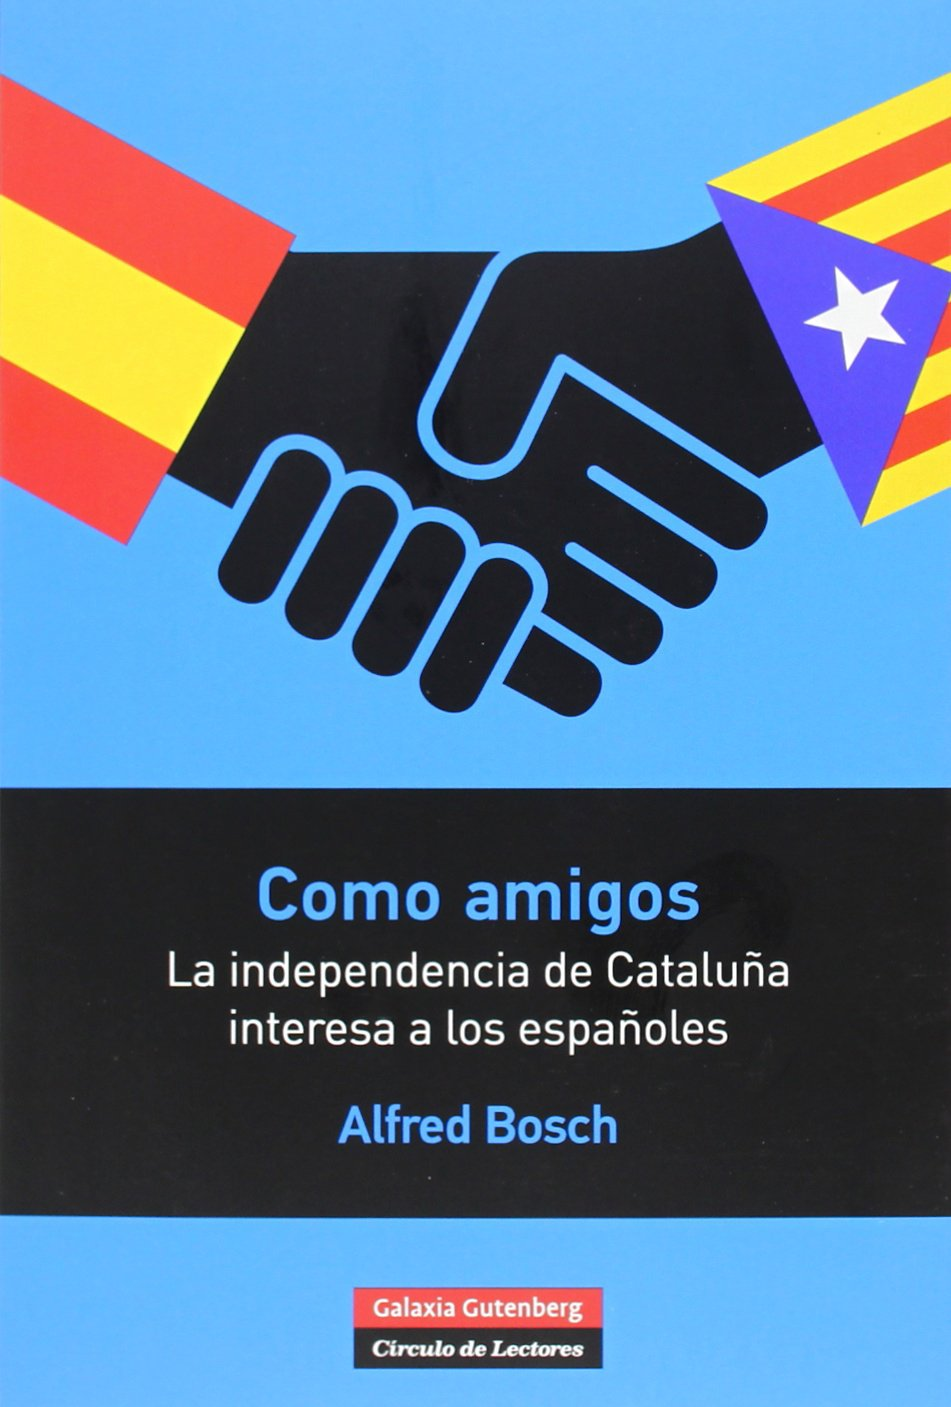 Como amigos: la independencia de Cataluña interesa a los españoles